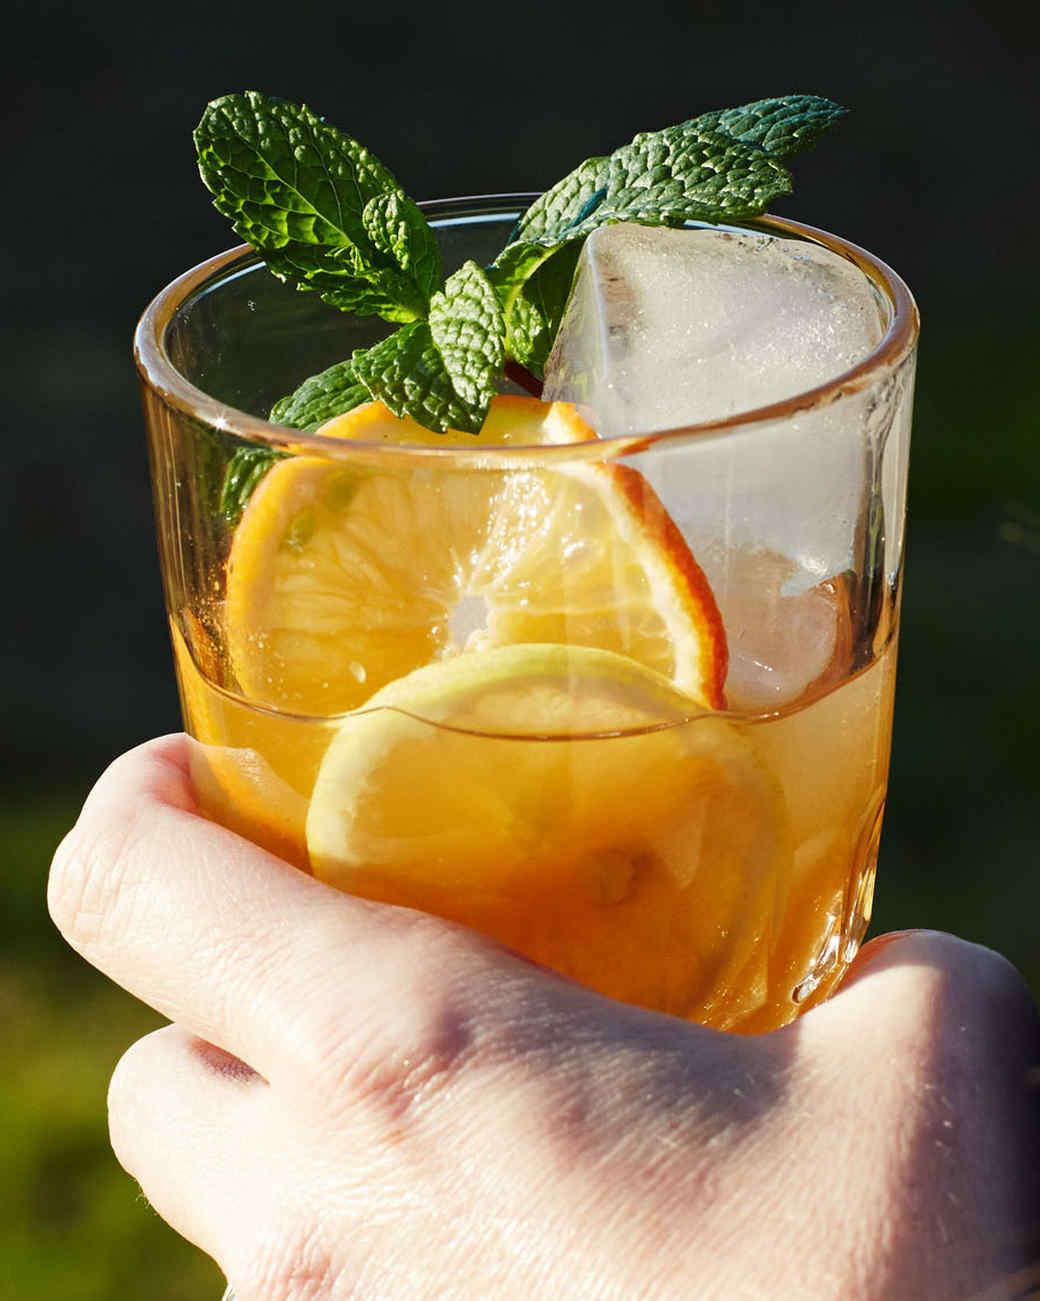 Orange-and-Lemon Iced Tea